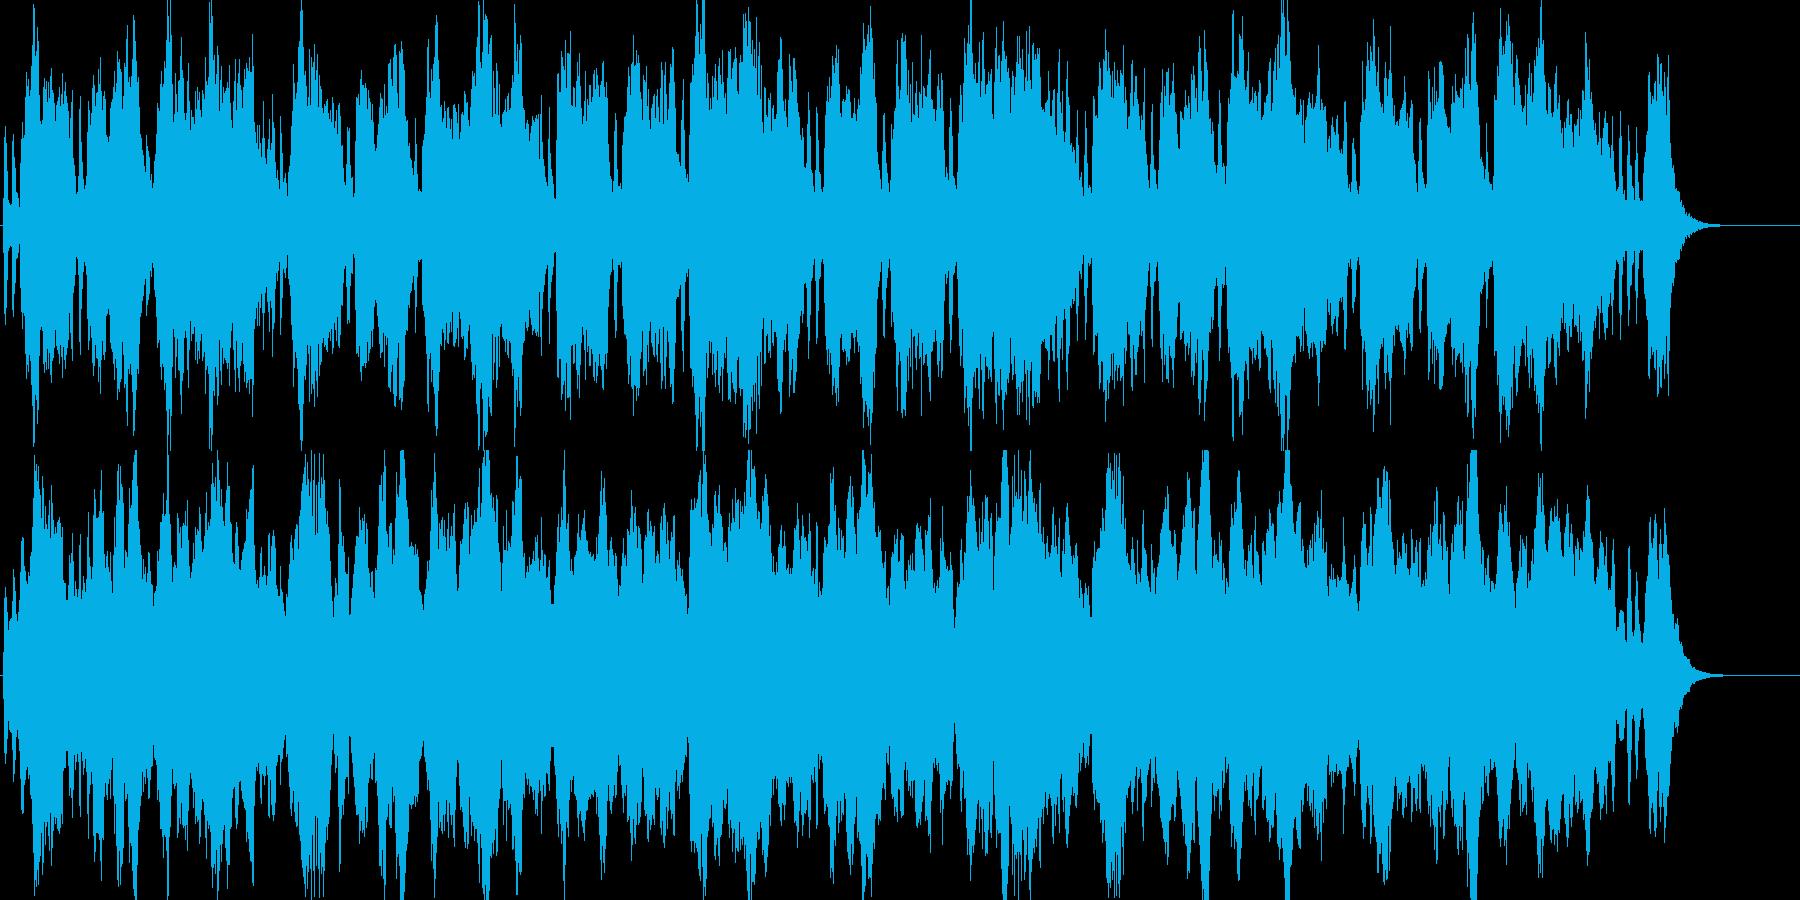 優雅 上品 幻想 科学 伝統の再生済みの波形